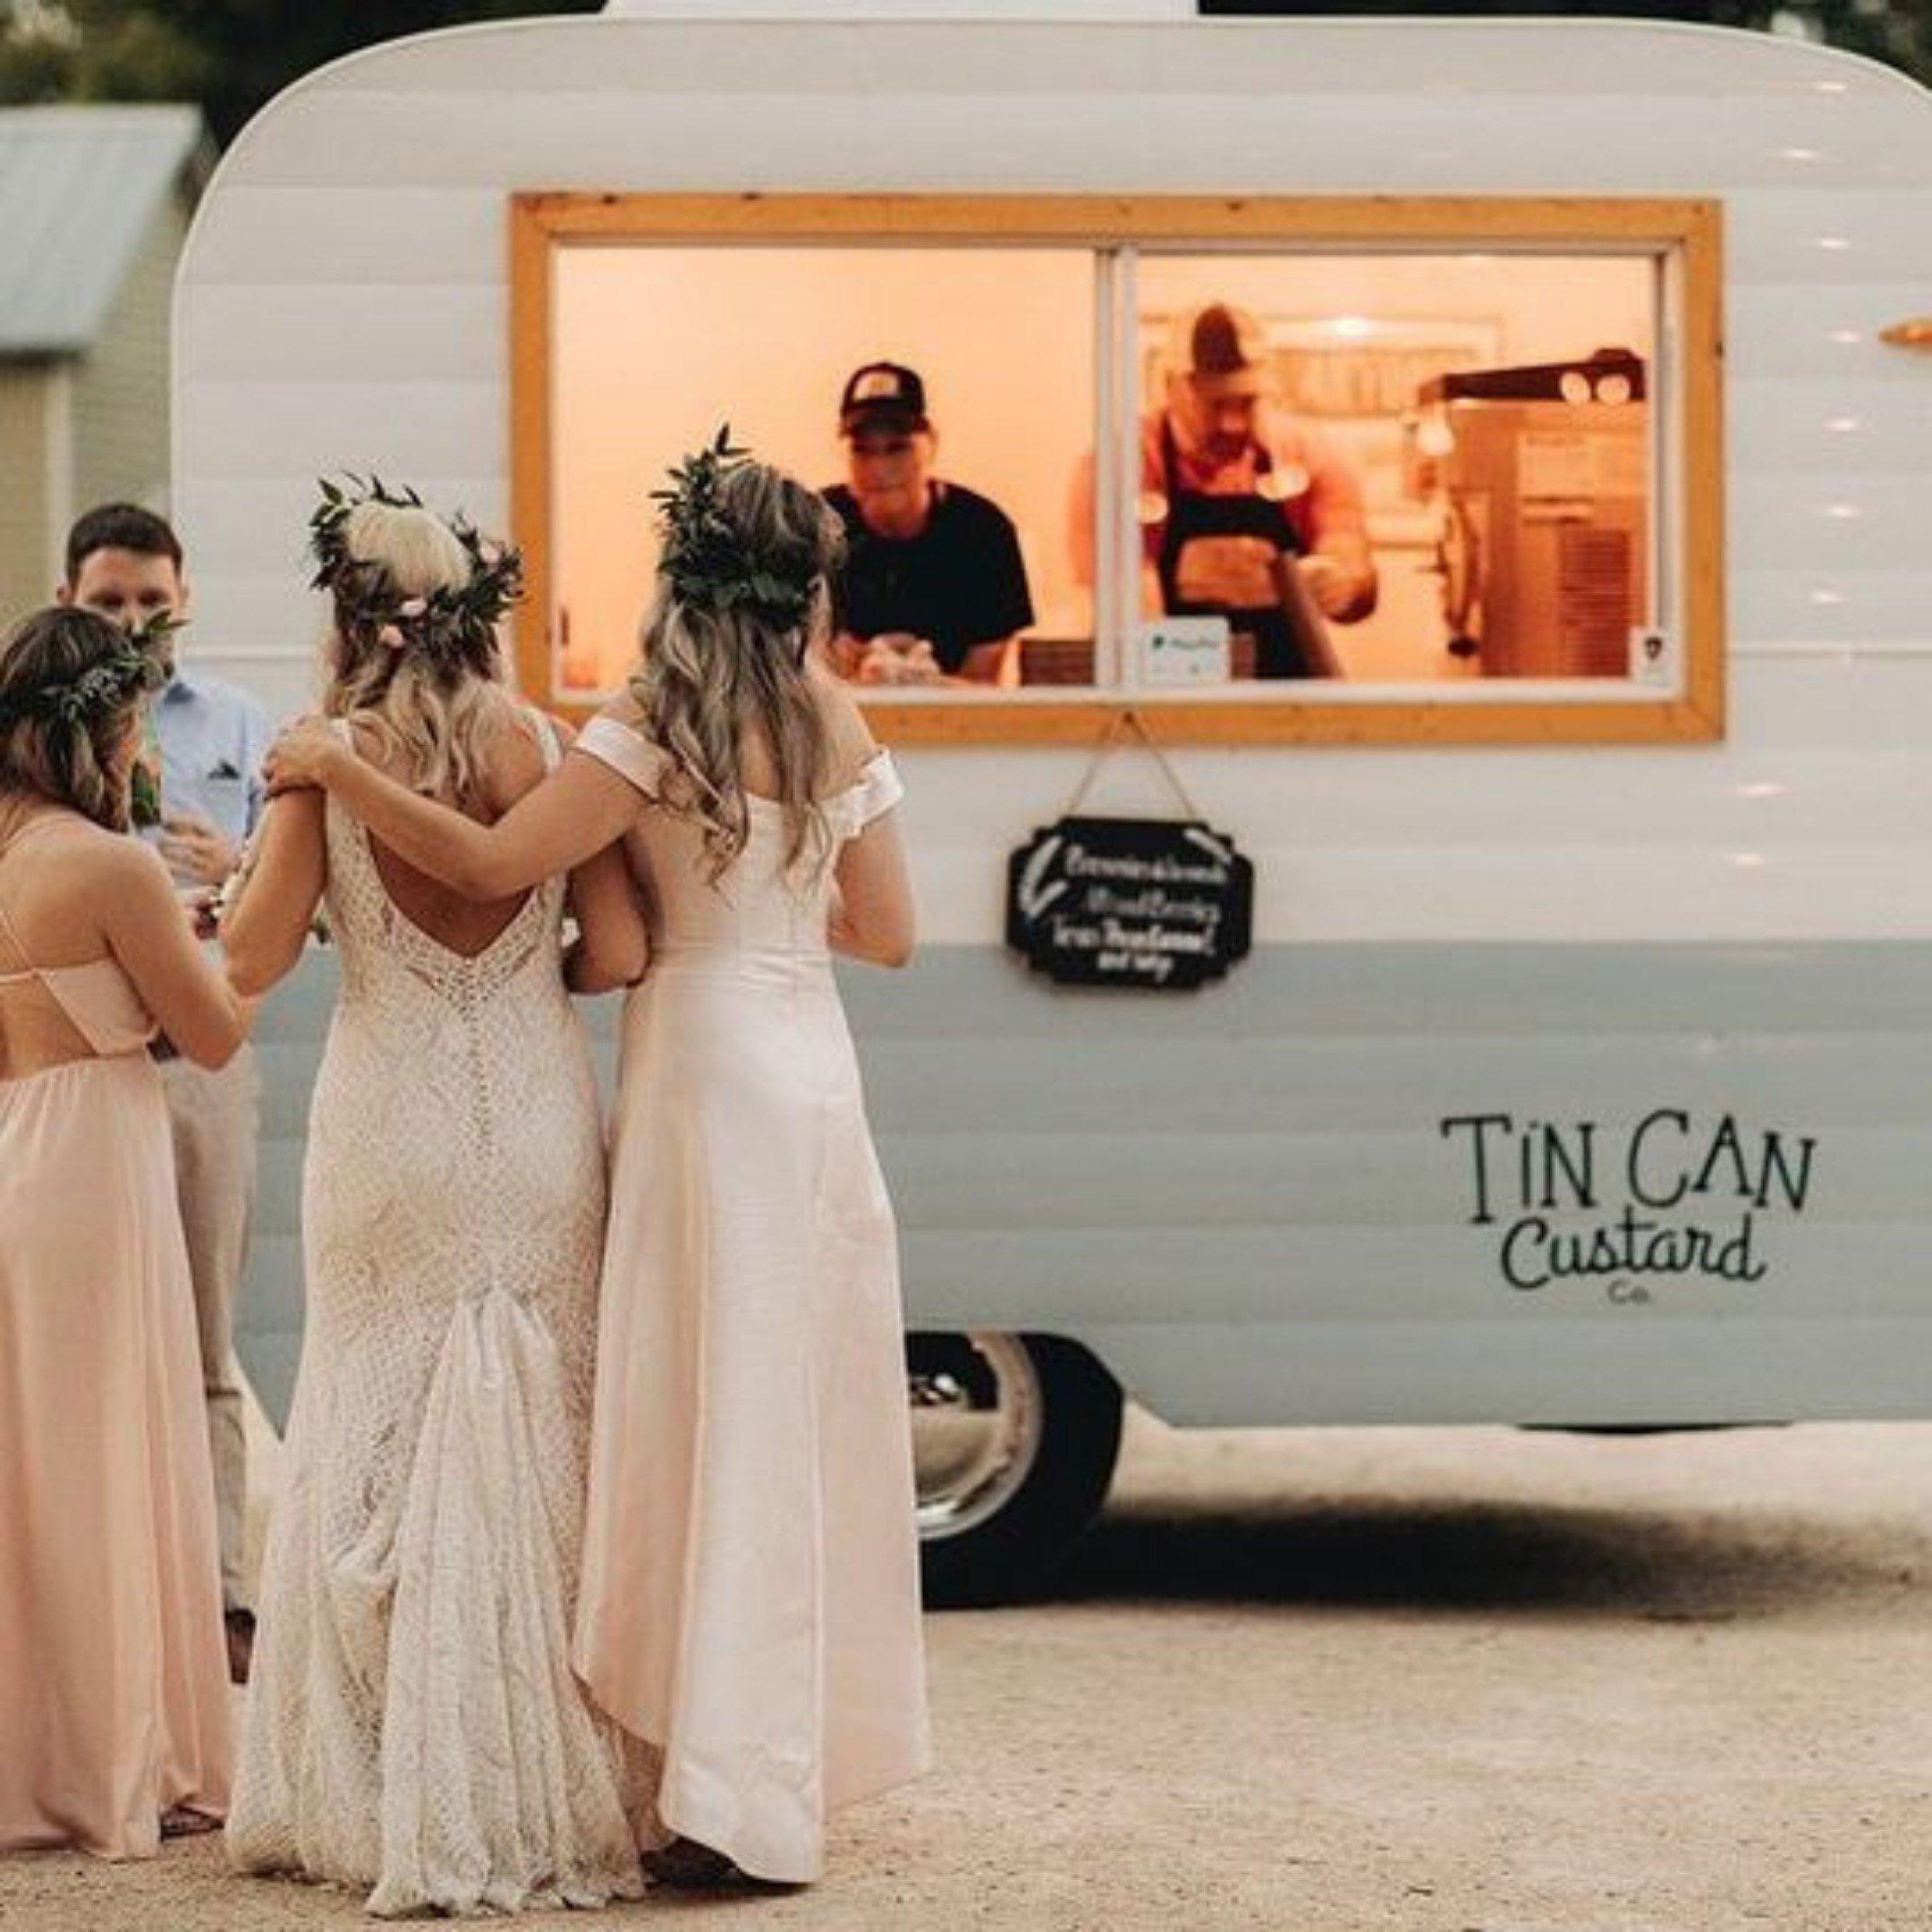 Tin Can Custard Co. Wedding Treats